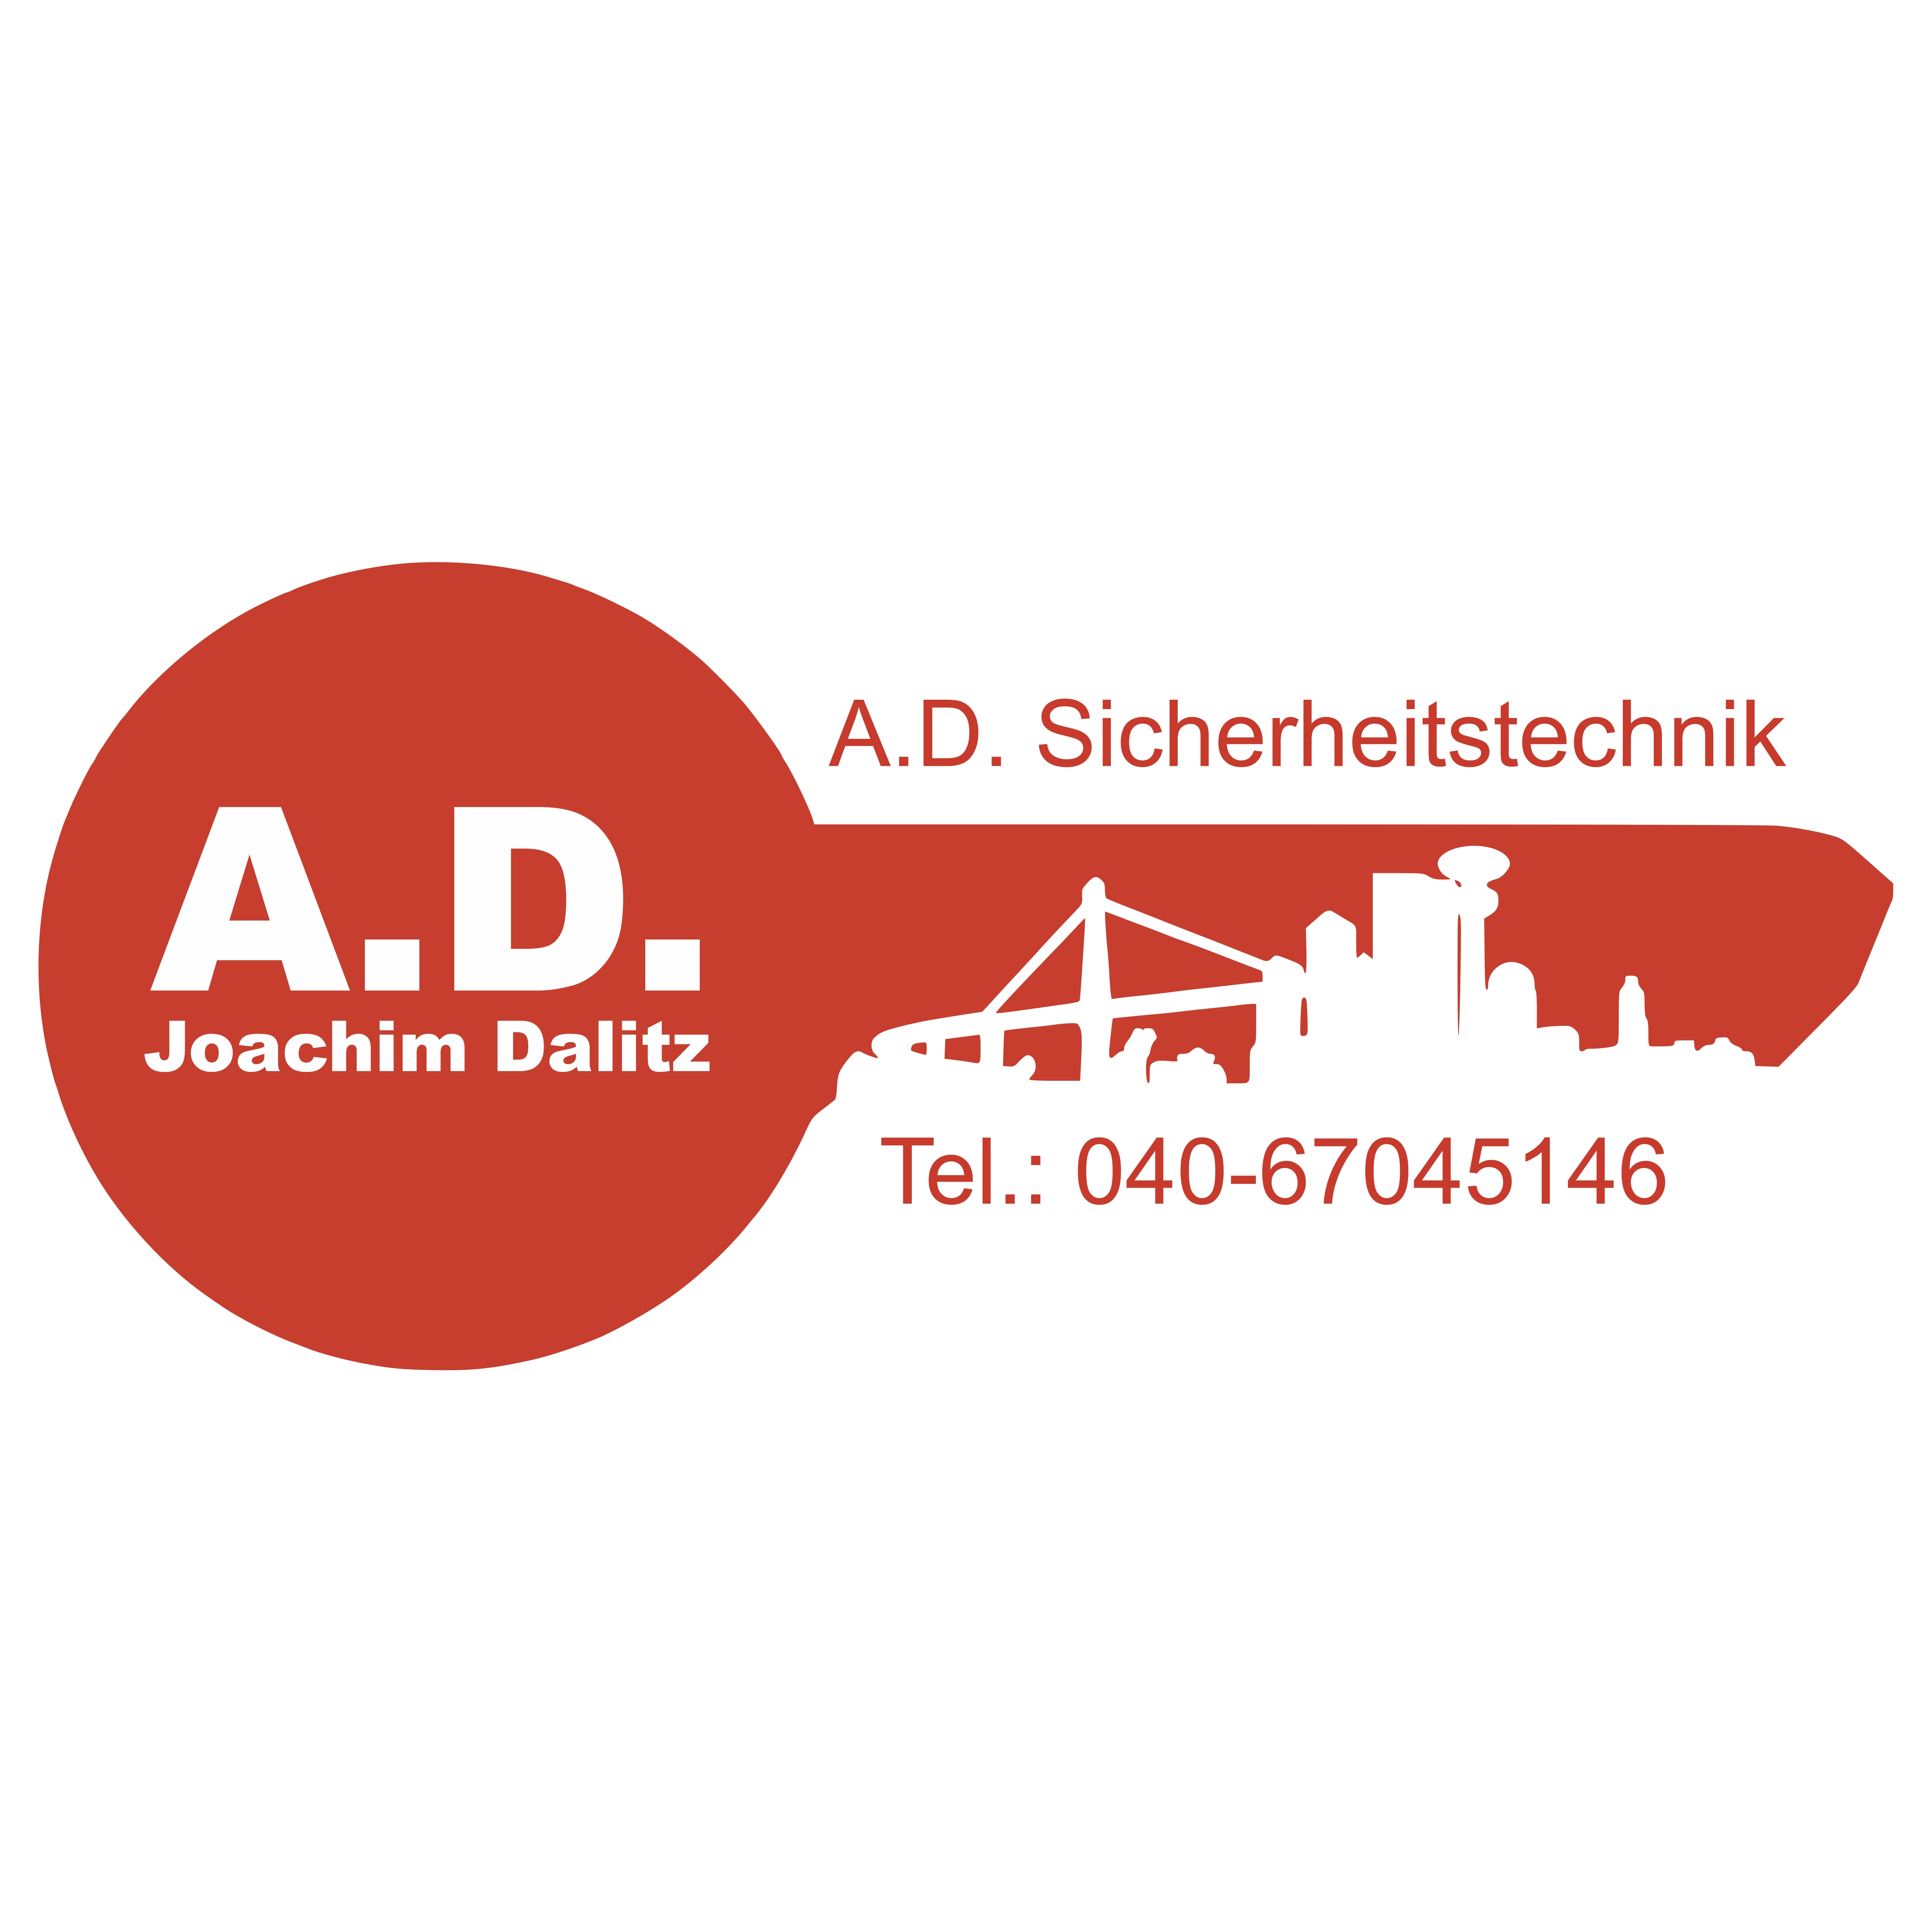 A.D. Sicherheitstechnik Hamburg